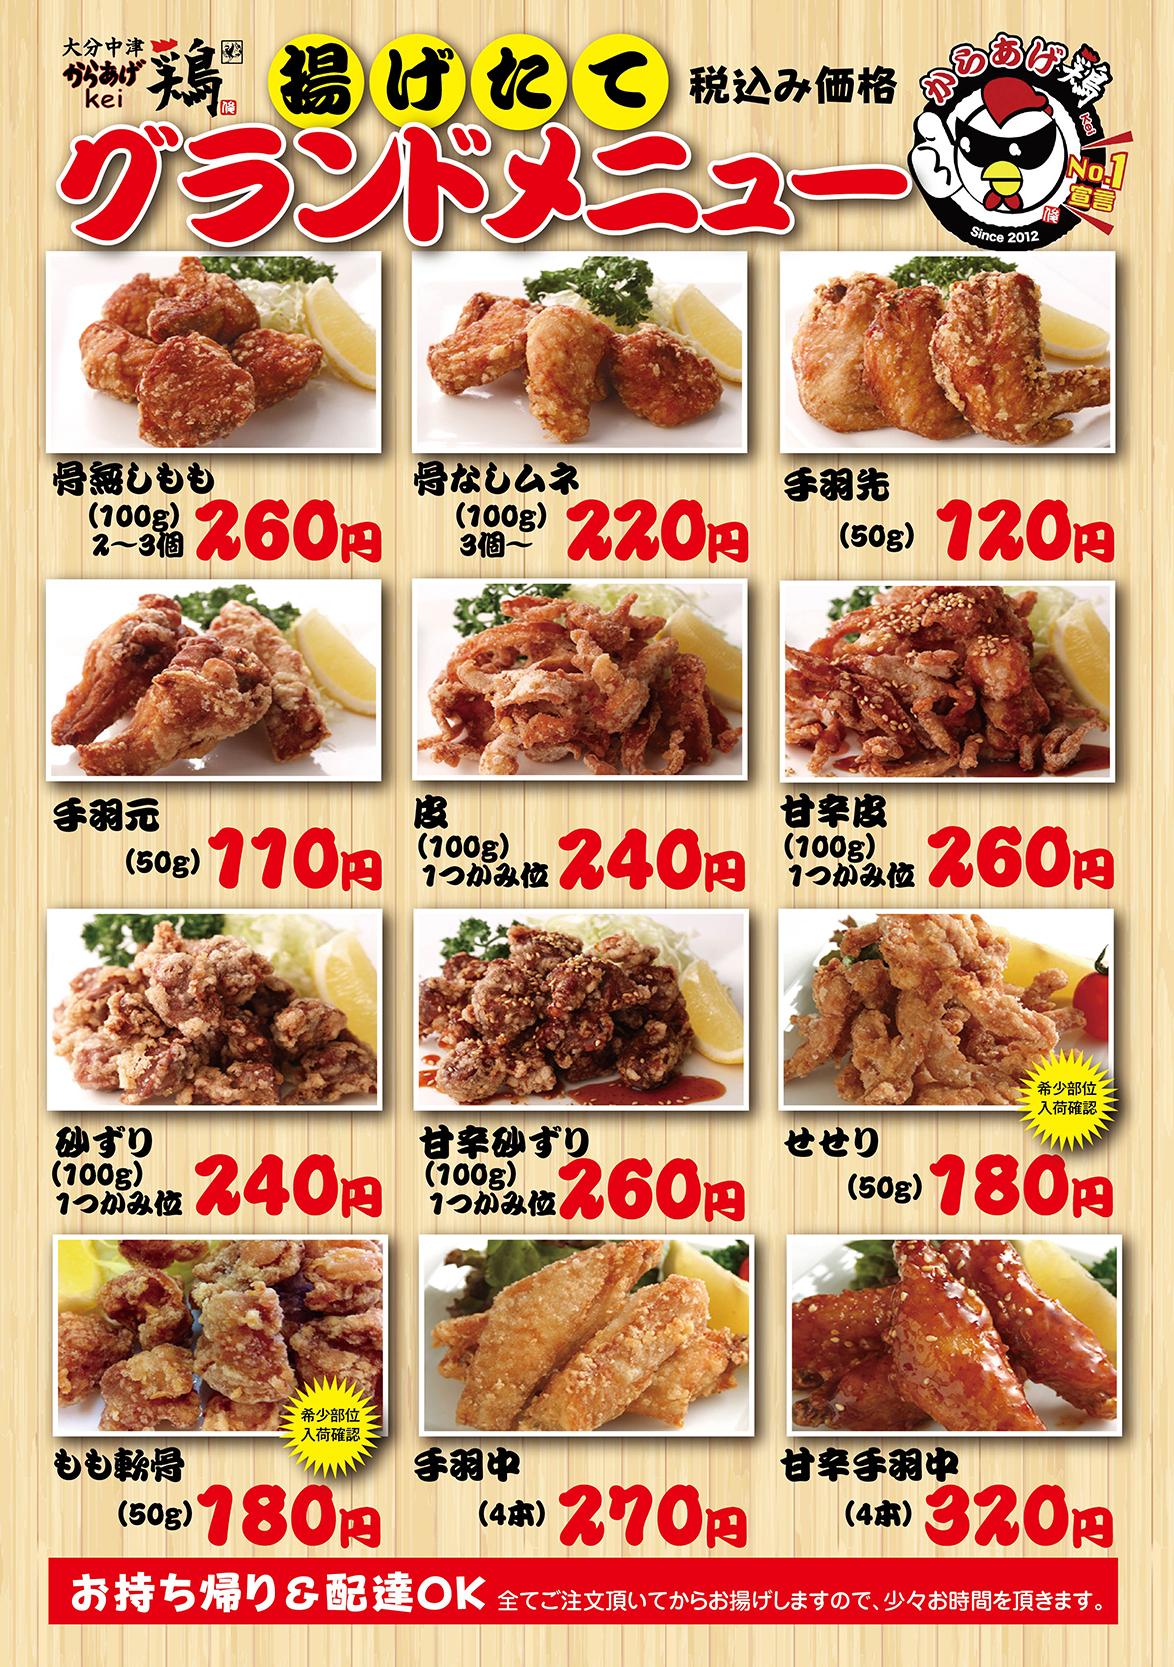 からあげ鶏kei 月隈店メイン画像